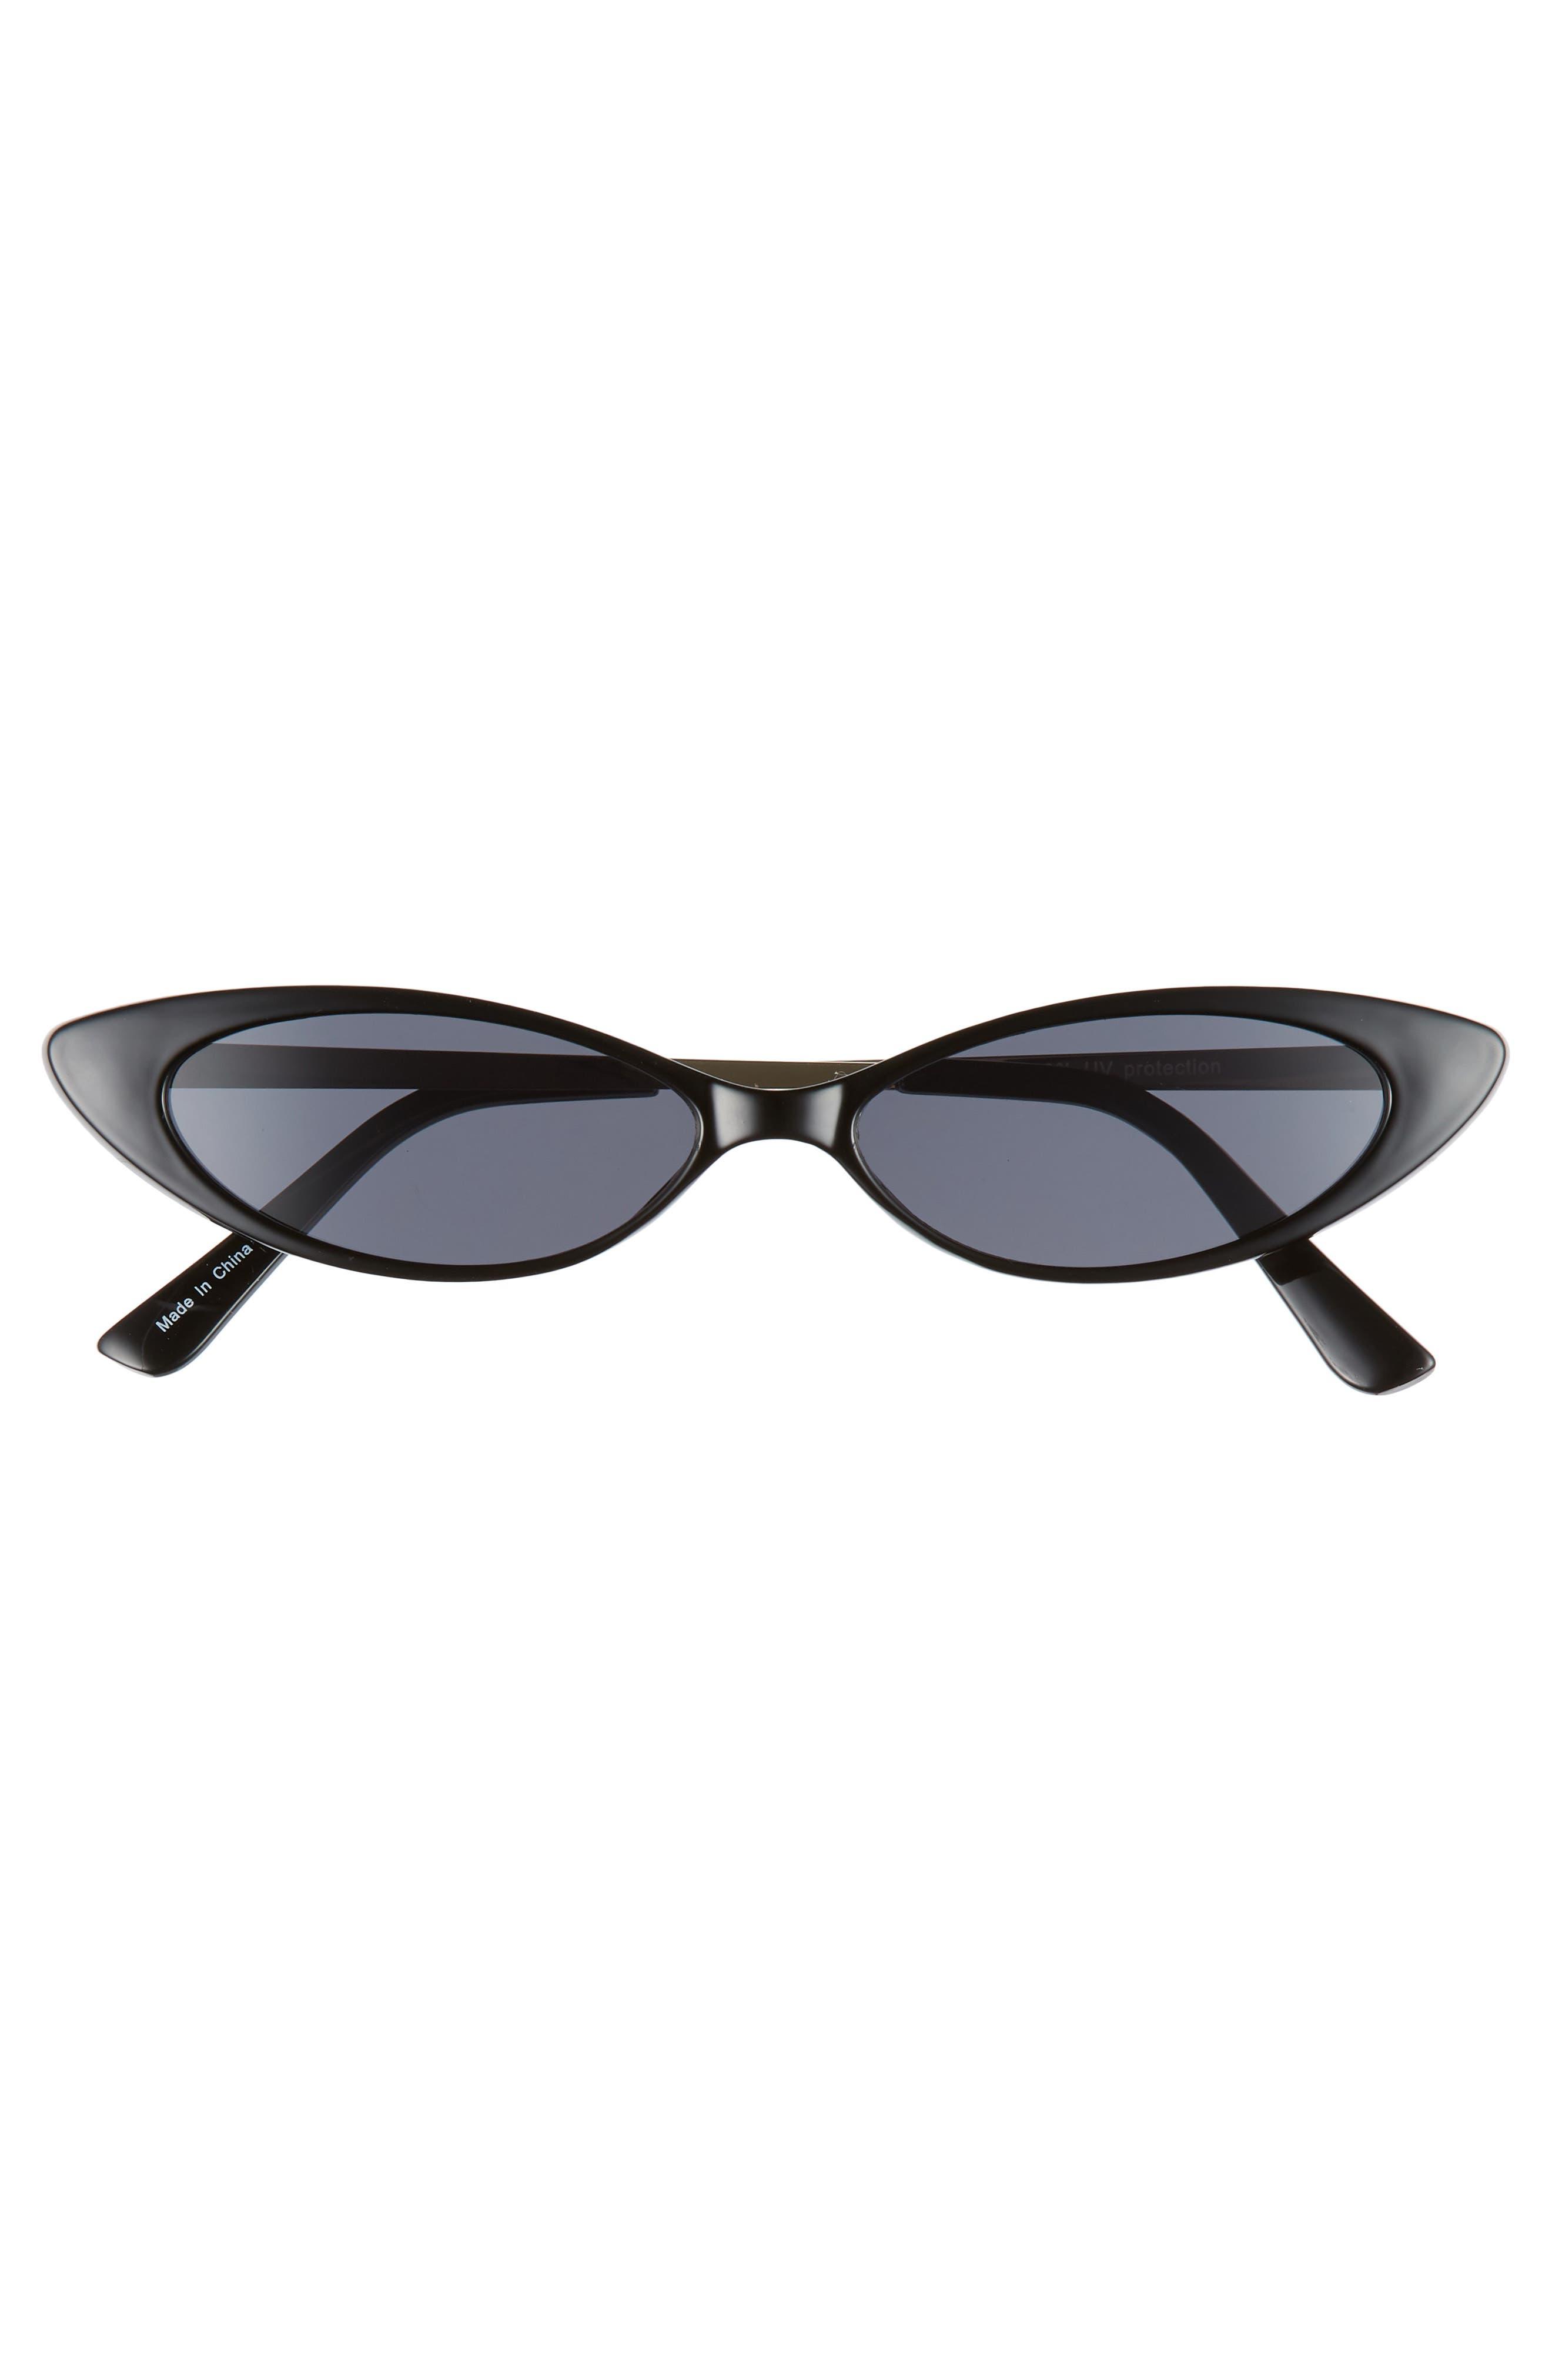 Metal & Plastic Mini Cat Eye Sunglasses,                             Alternate thumbnail 3, color,                             BLACK/ GOLD